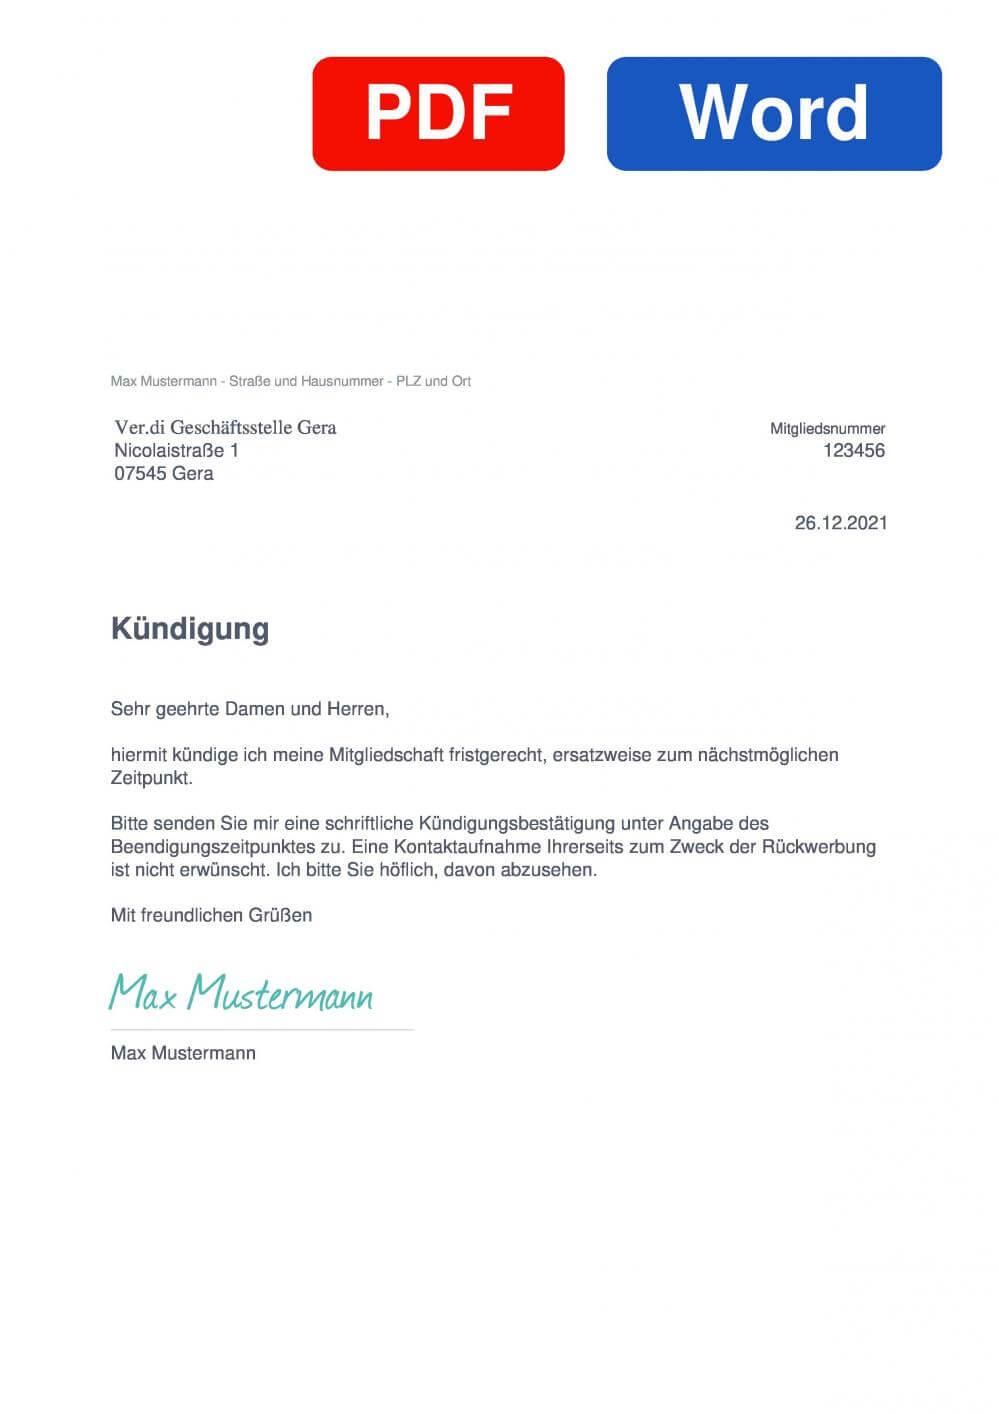 Verdi Gera Muster Vorlage für Kündigungsschreiben